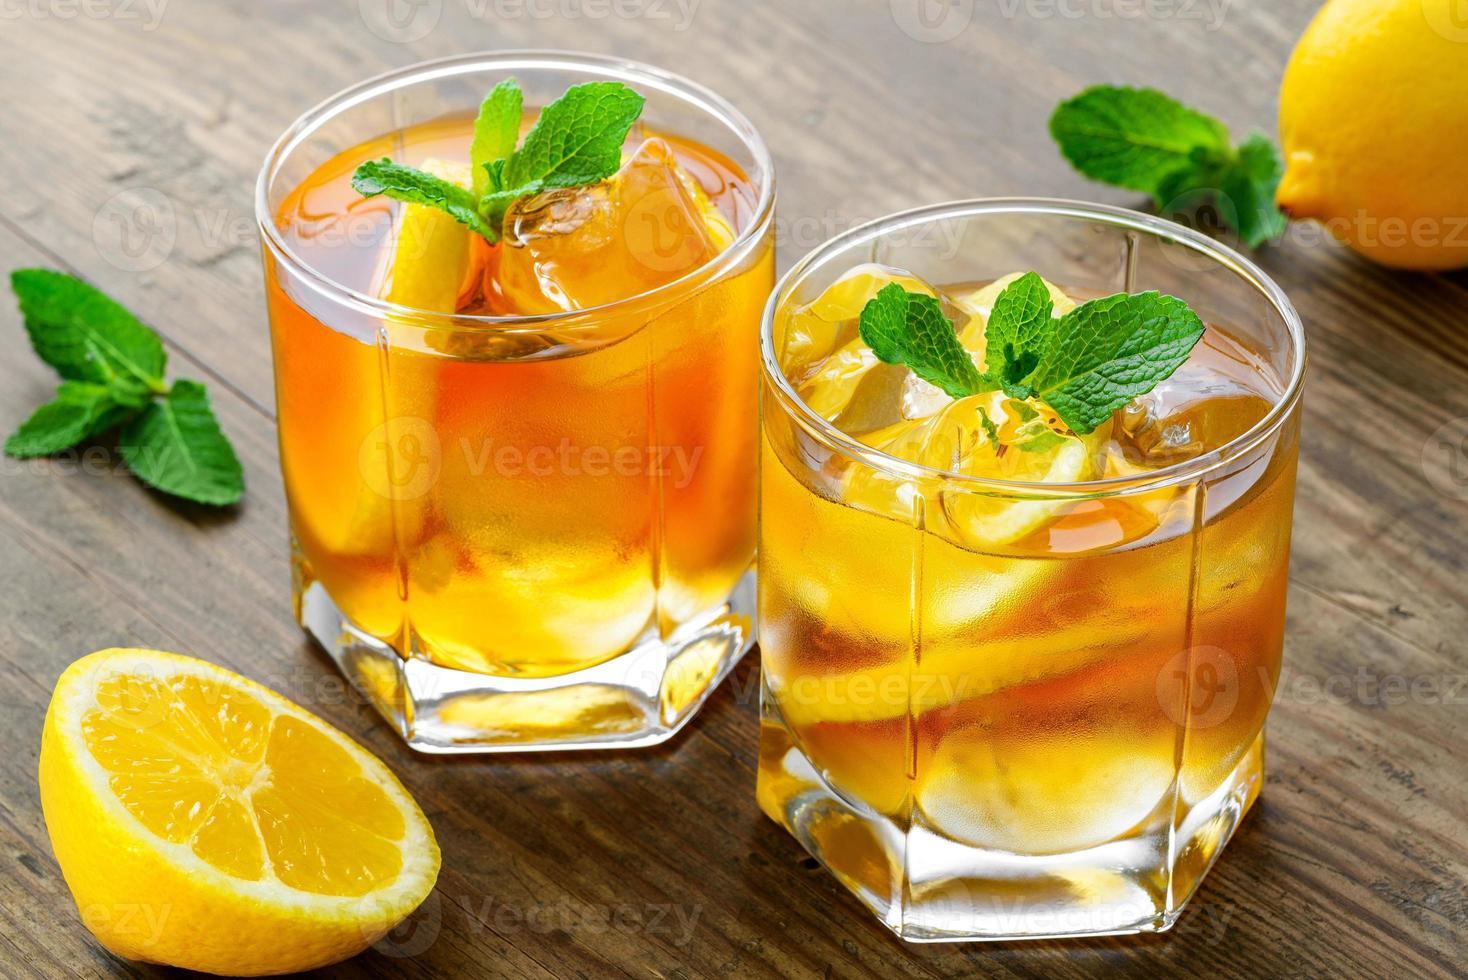 té helado de limón en la mesa de madera marrón con limones alrededor foto